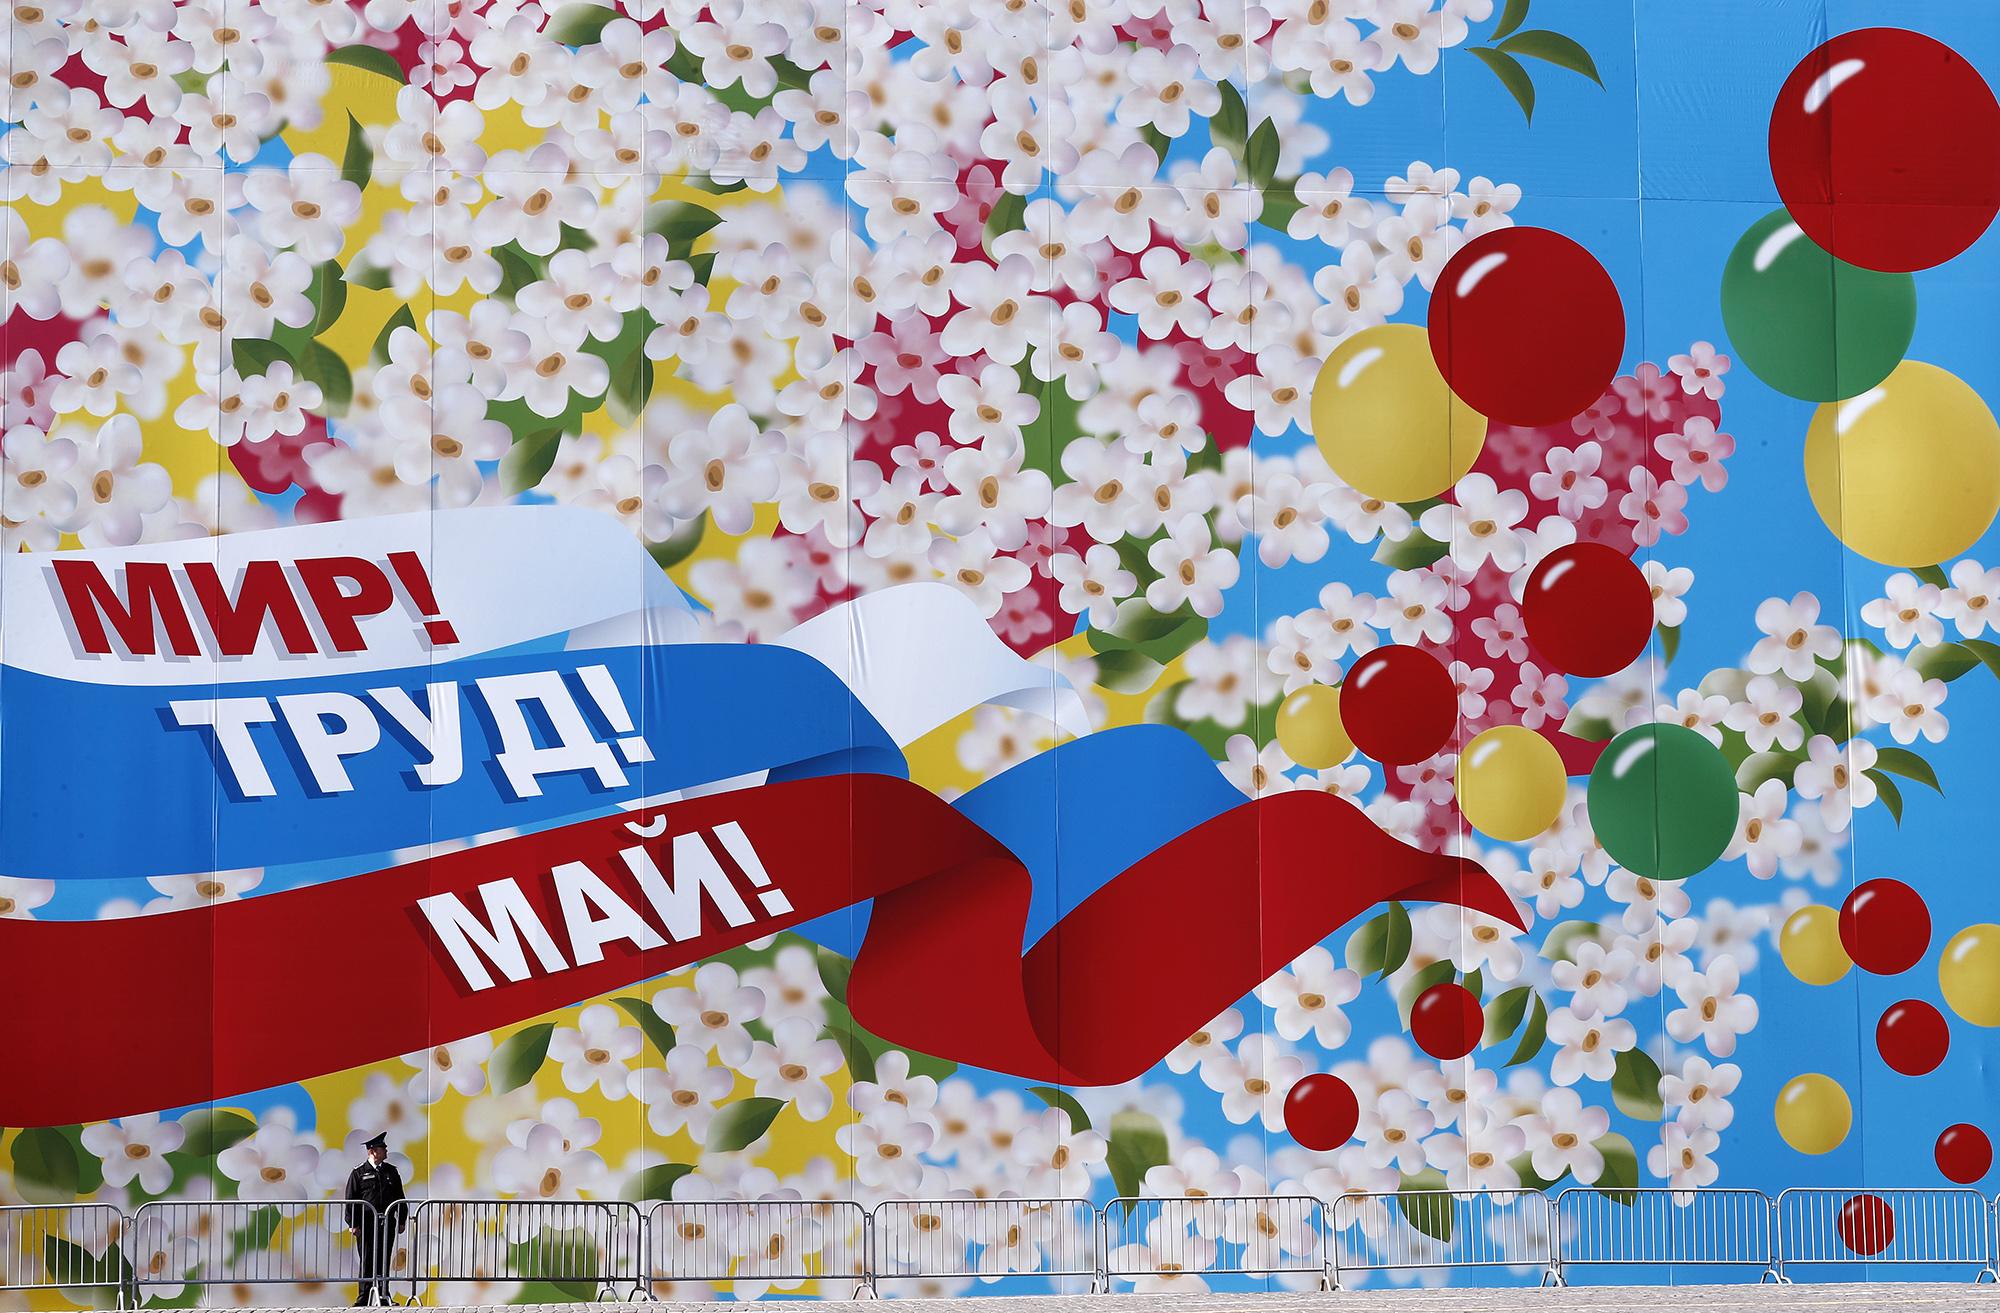 Полицейский стоит передогромным плакатом снадписью «Мир, труд, май» во время празднования Дня труда наКрасной площади. Москва, Россия, 1 мая 2019 года. День труда во всем мире — повод отметить экономические исоциальные достижения трудящихся.